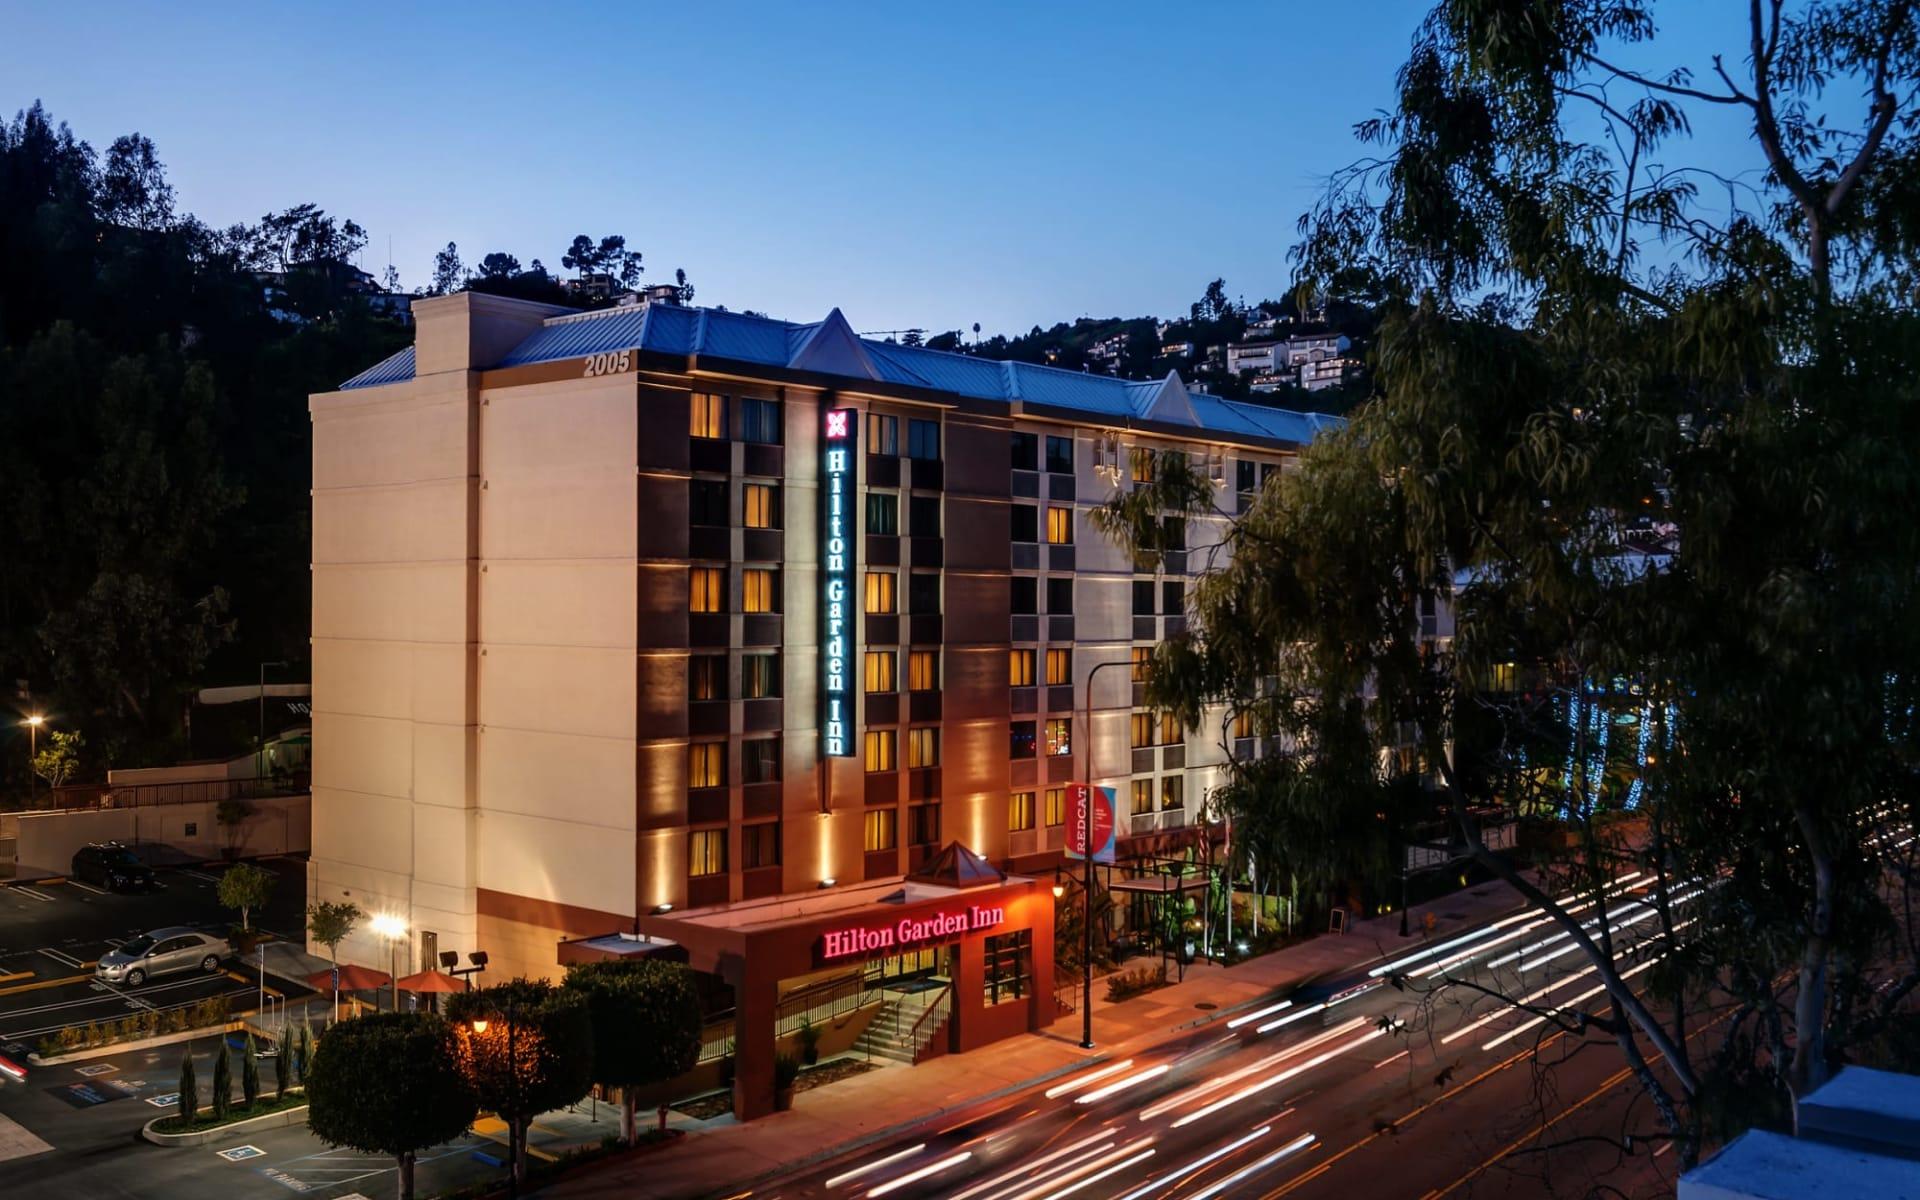 Hilton Garden Inn Los Angeles/Hollywood:  Hilton Garden Inn Hollywood - Aussenansicht bei Nacht